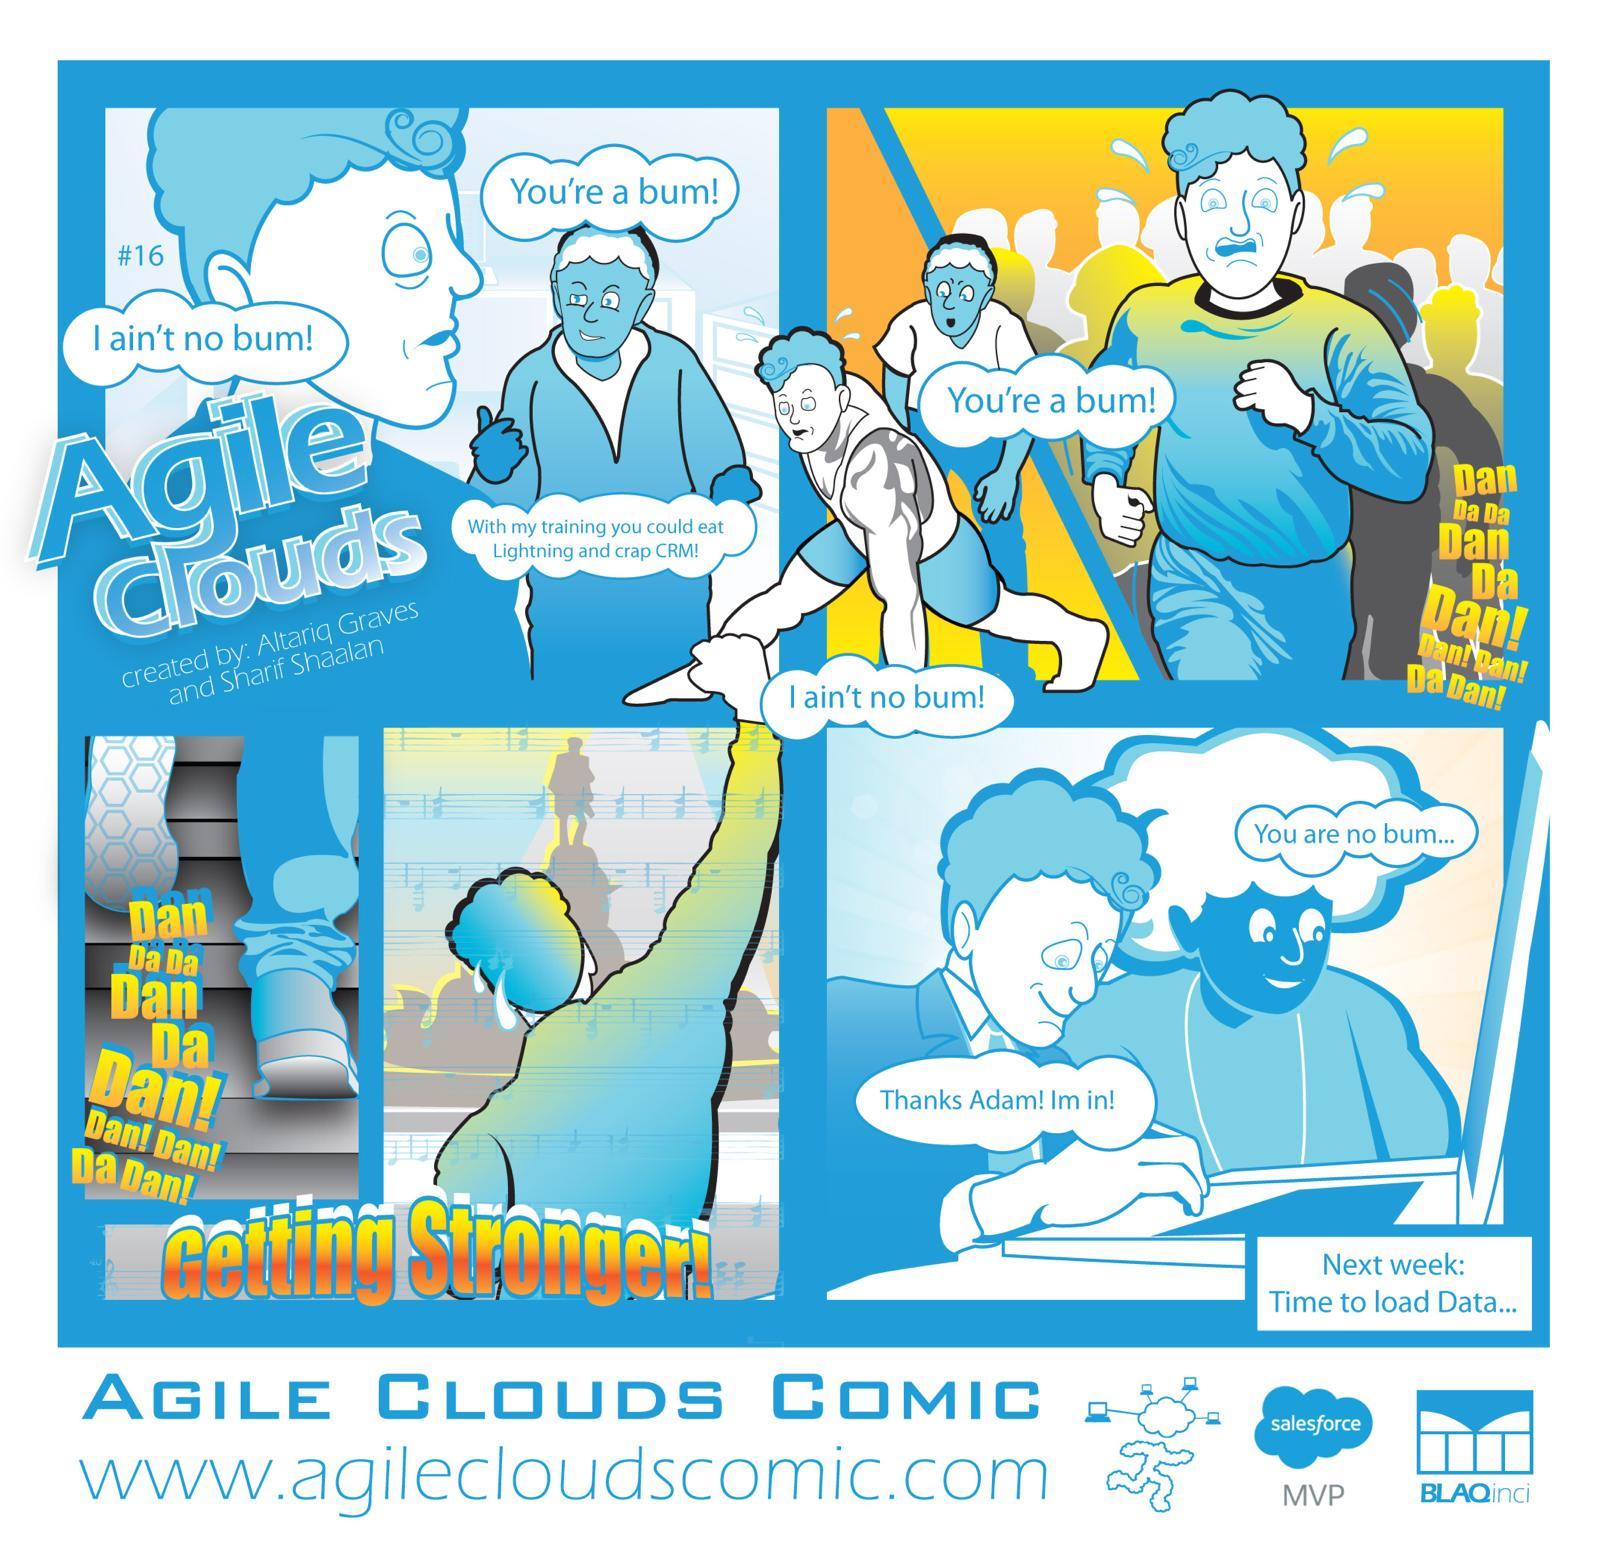 AgileClouds16.jpeg